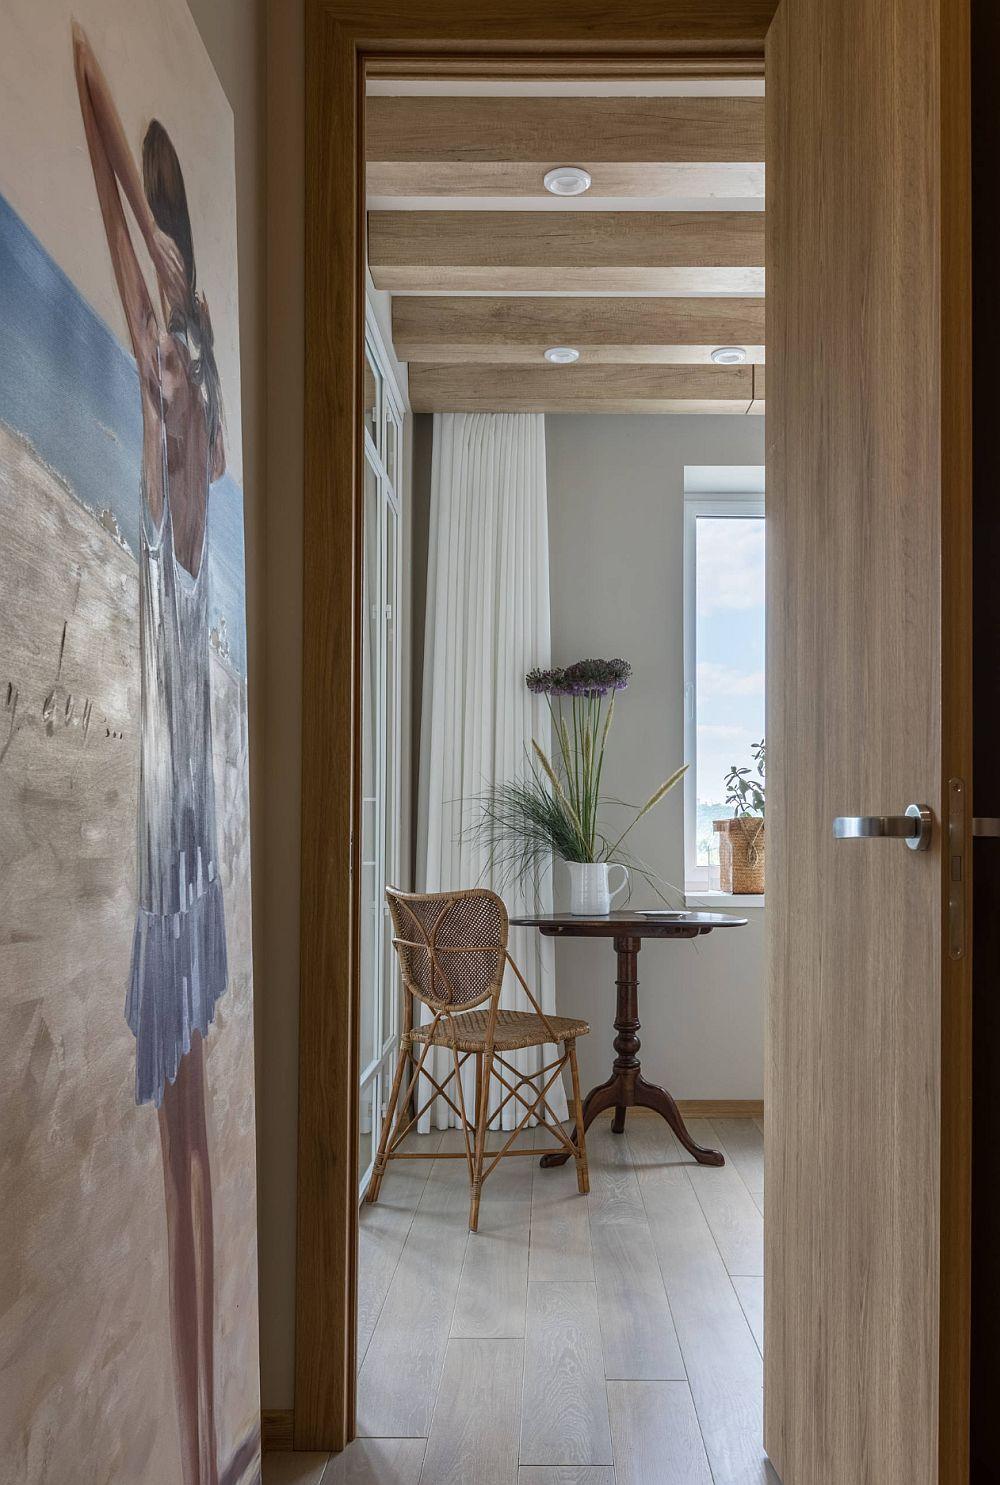 În holul de la intrare, după dulapurile încastrate, peretele a fost folosit pentru poziționarea unui tablou de dimeniuni mari, tablou care vorbește despre tema aleasă de către proprietară - ideea de casă de vacanță. Astfel și când ușa bucătăriei este deschisă, tabloul se vede frumos din zona locului de luat masa, nu doar la intrarea în casă.